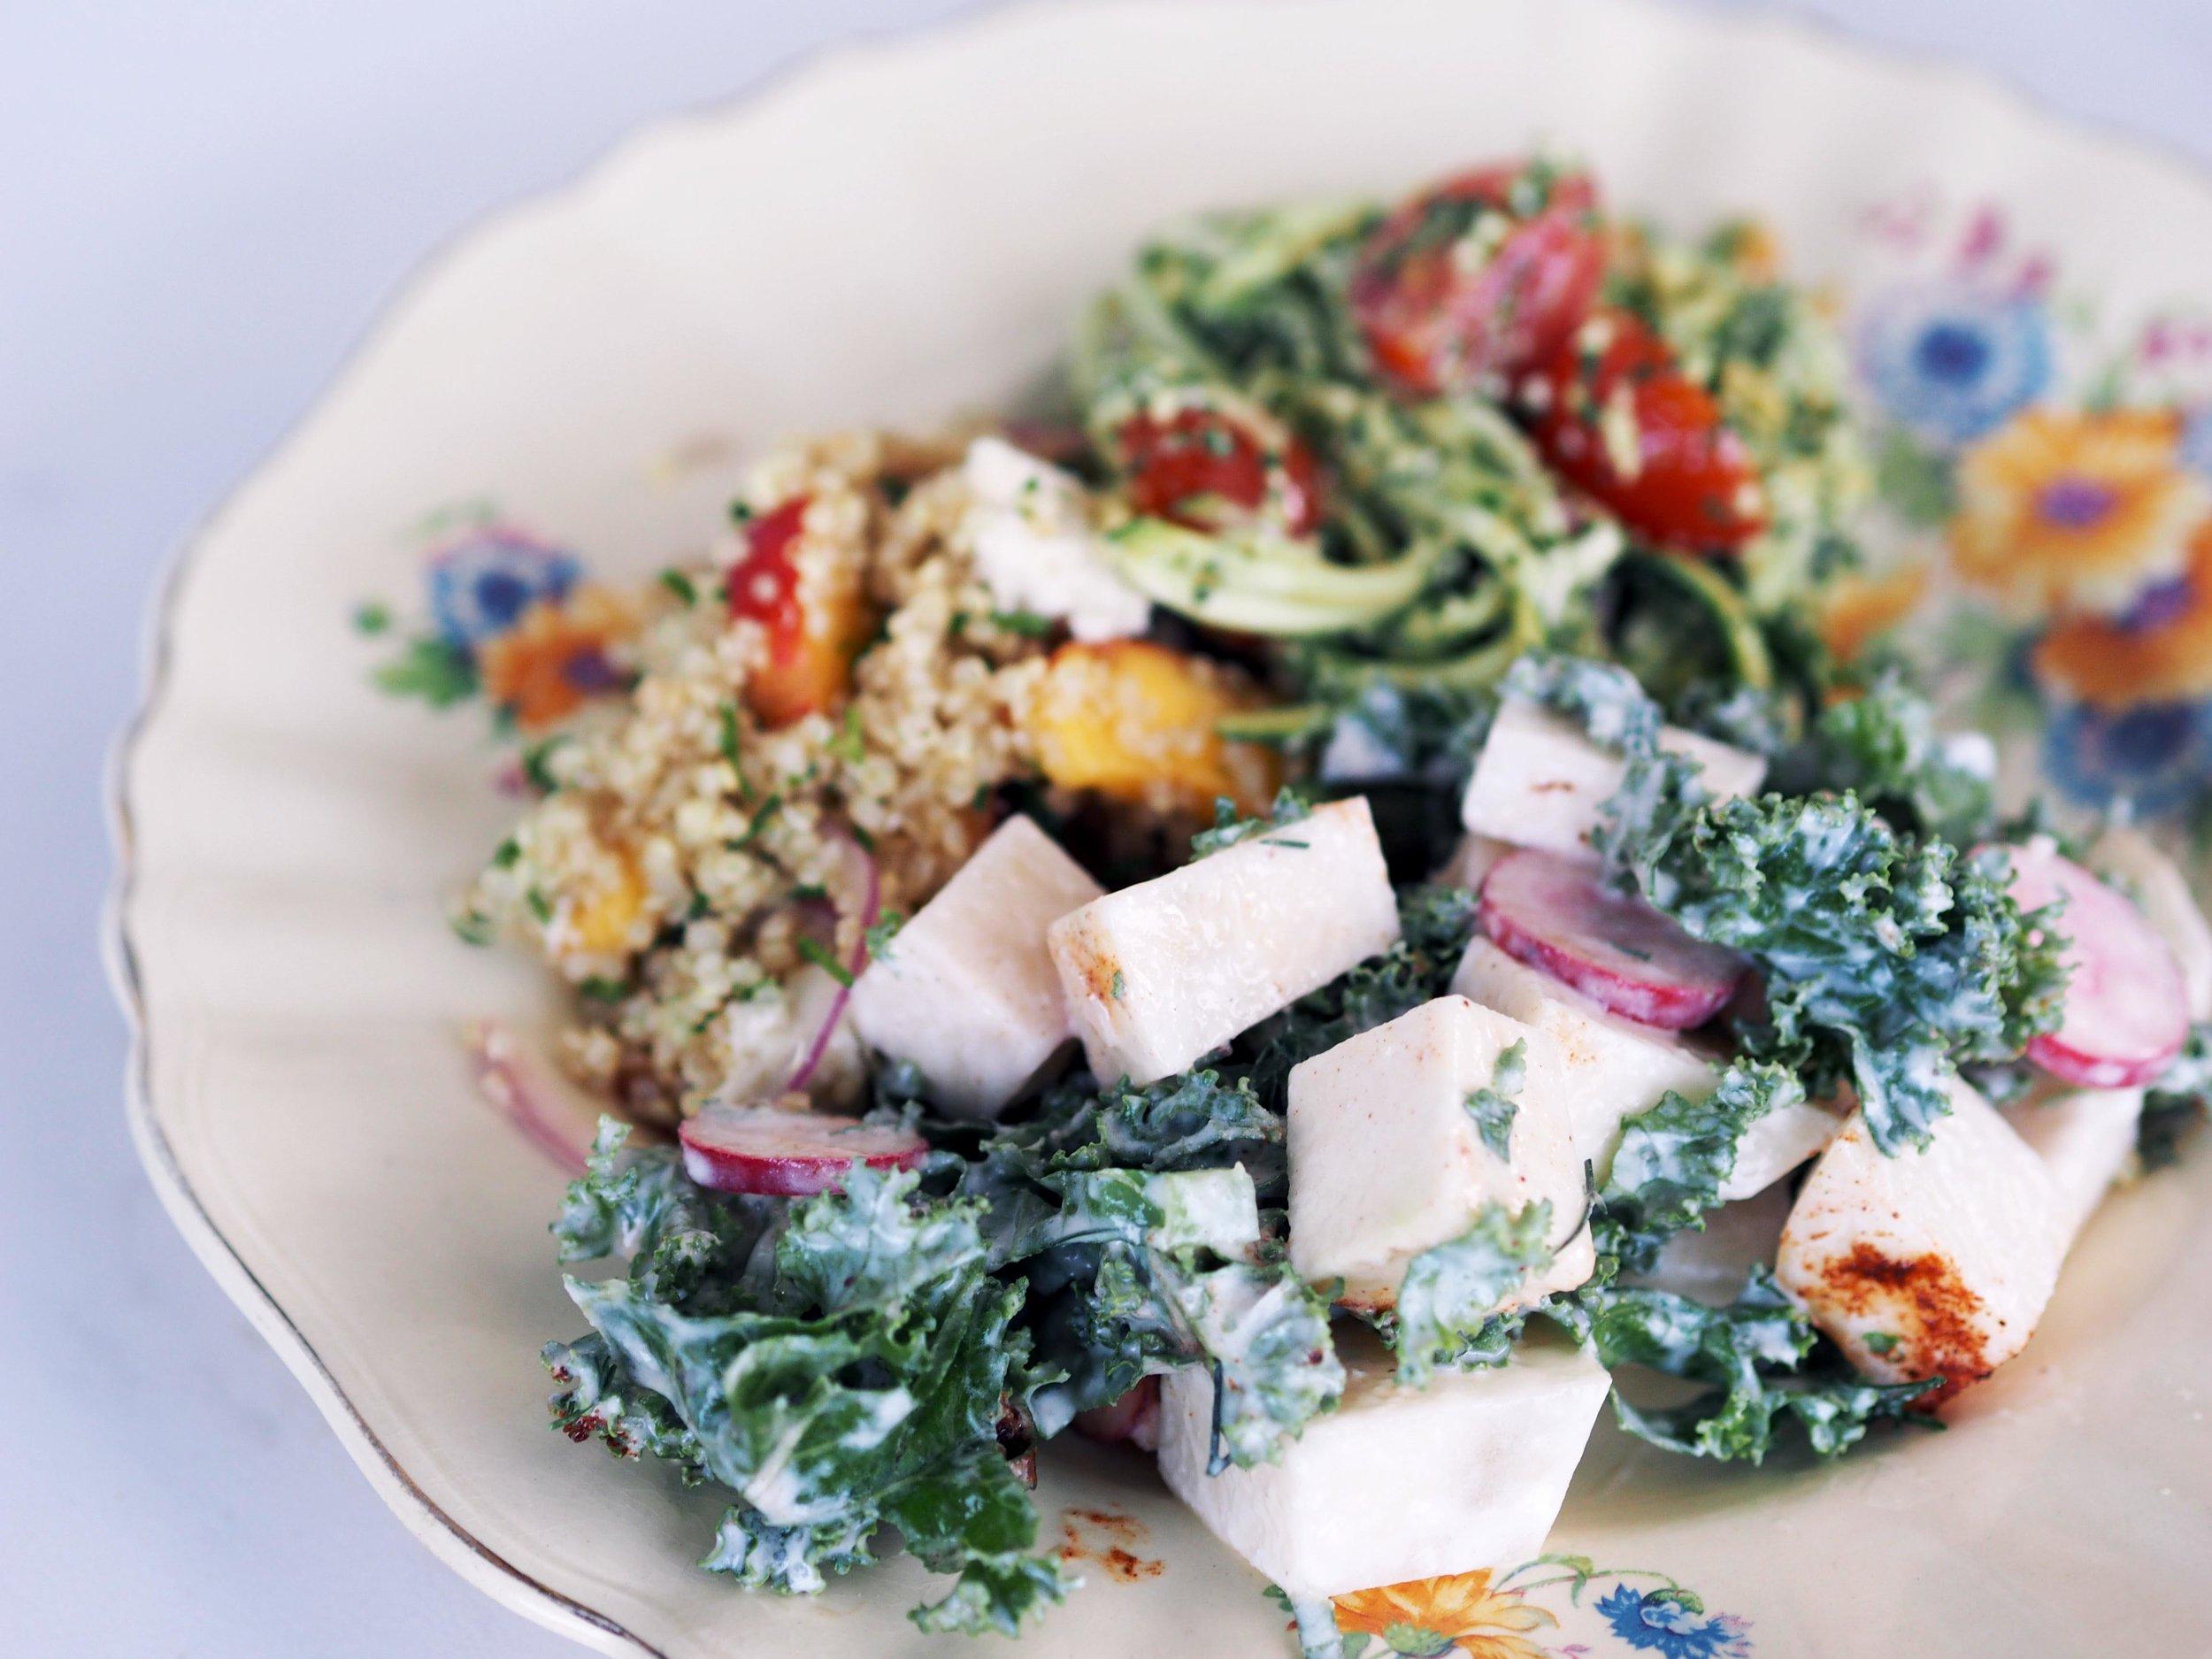 Enjoy your Christmas salads!